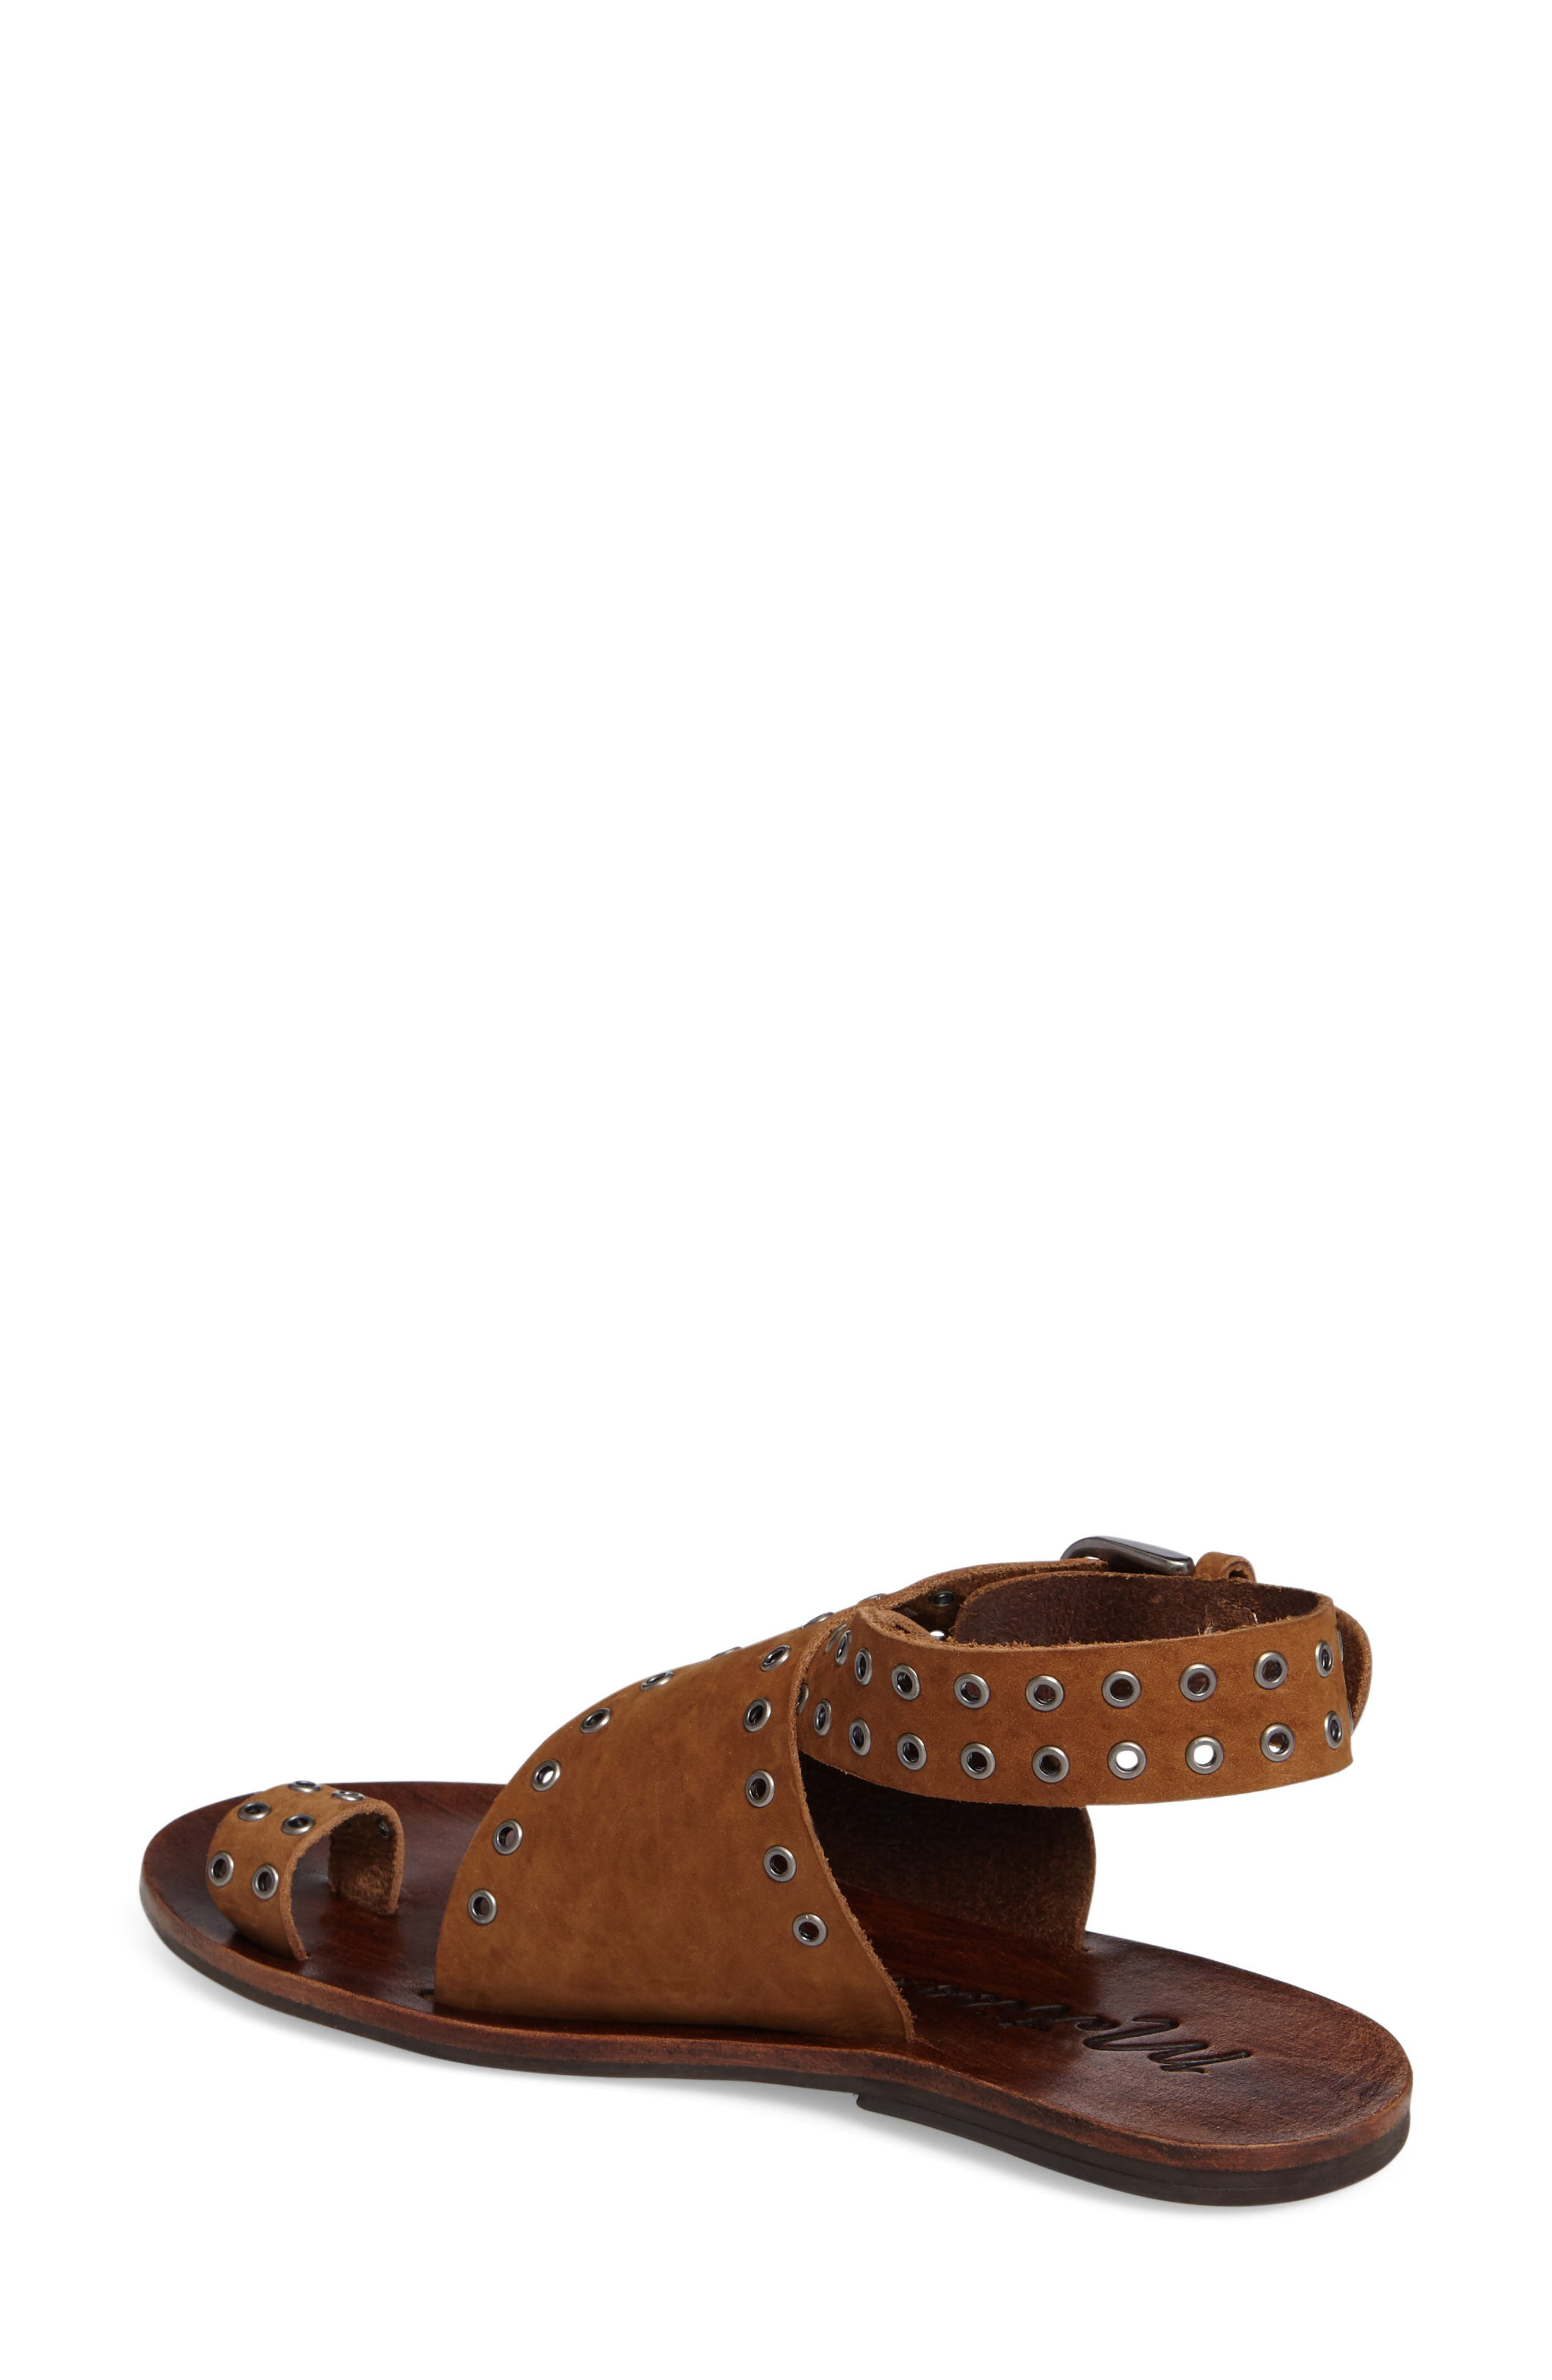 Starling Grommet Sandal,                             Alternate thumbnail 4, color,